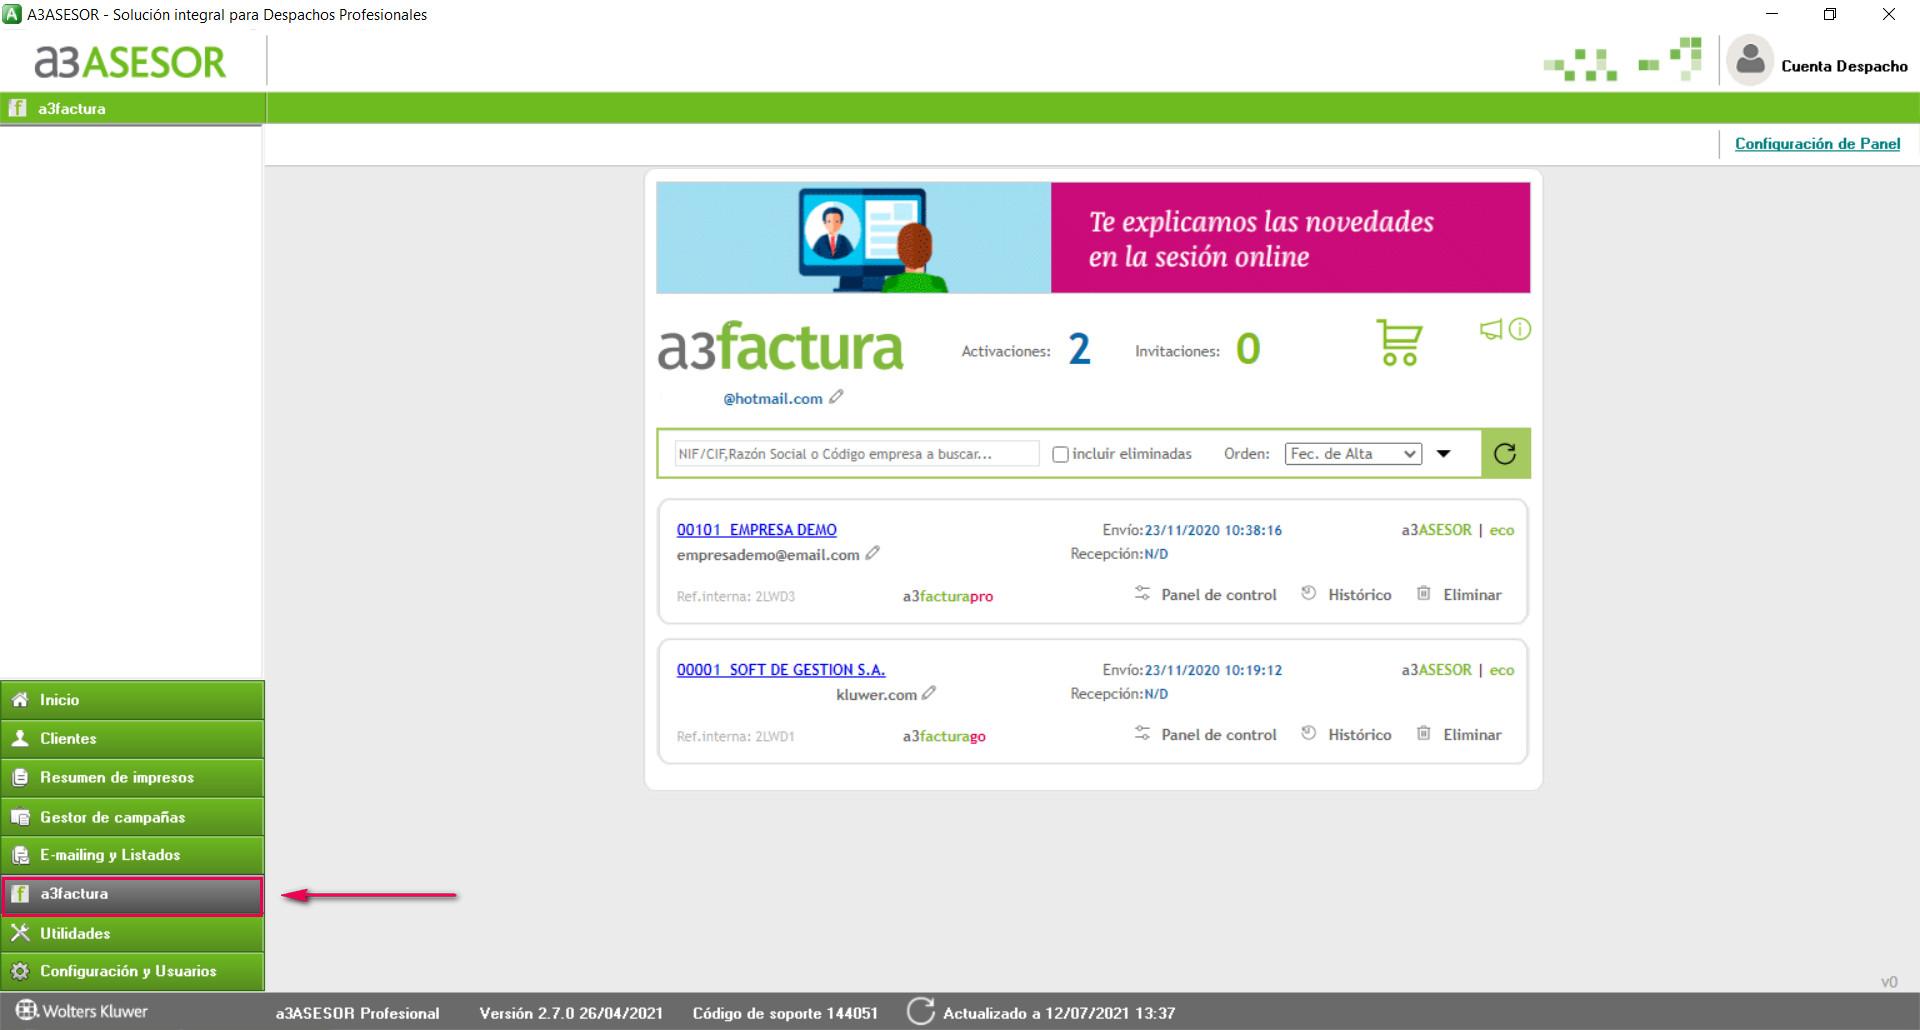 A3FACTURA